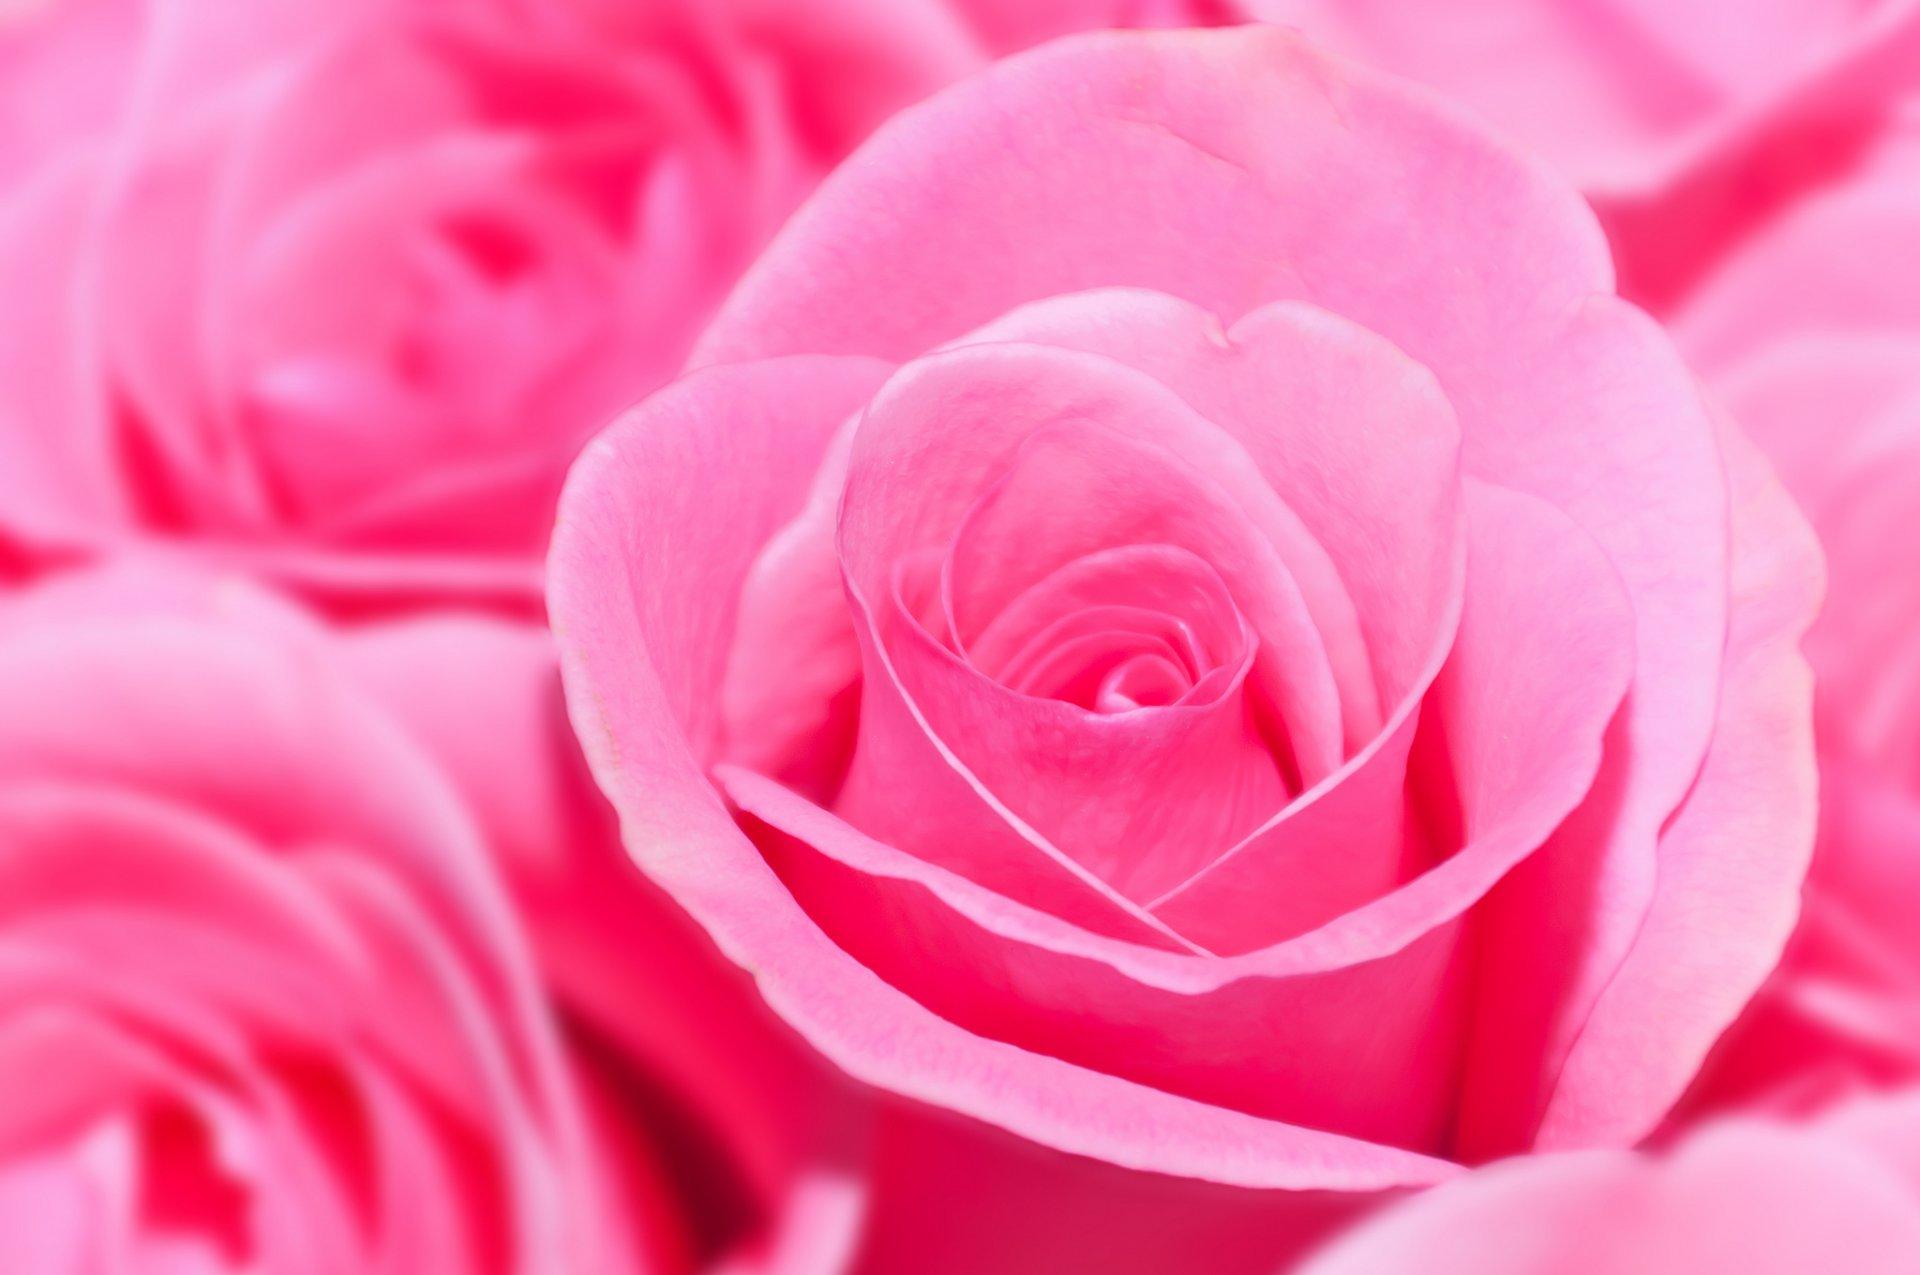 Красивые картинки розового цвета